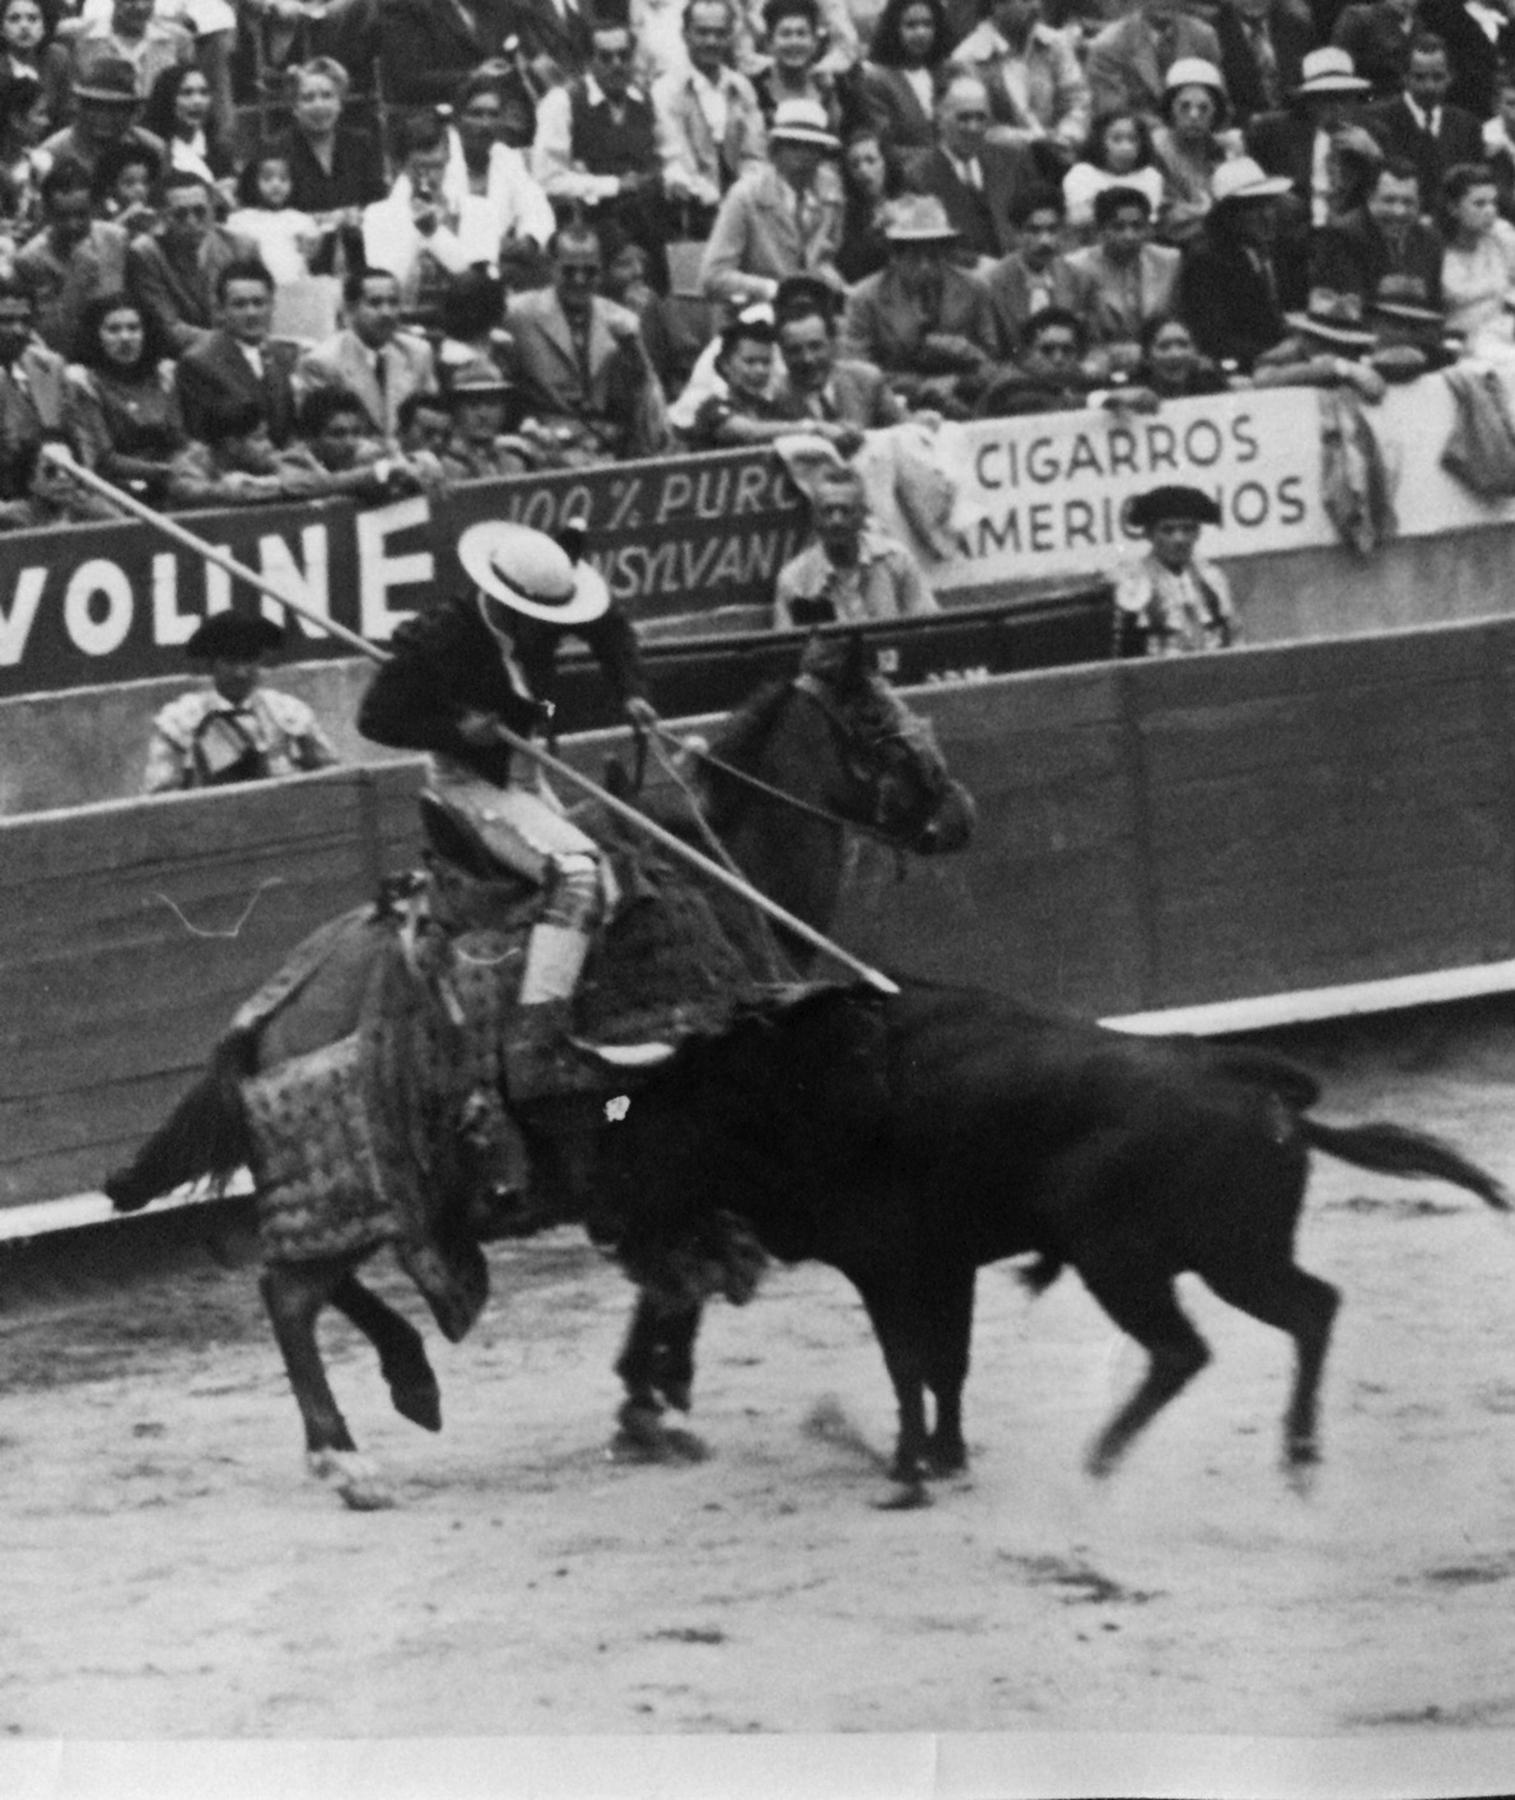 Matador and bull 5